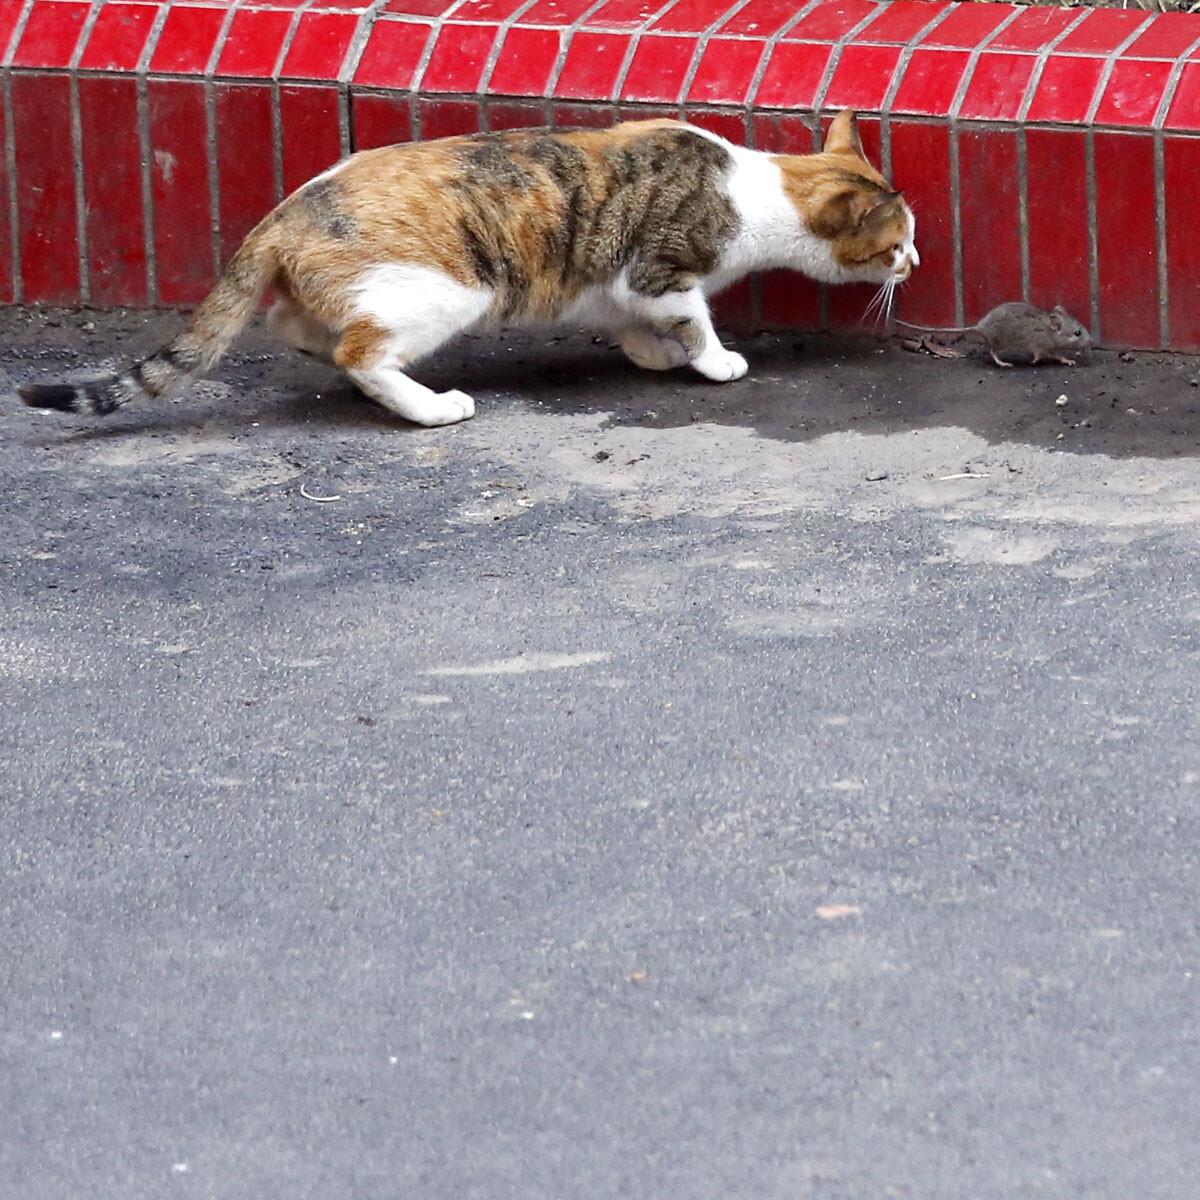 老鼠 谣传/_YOL9167 老鼠怕猫,不是谣传。果断举头拍下瞬间